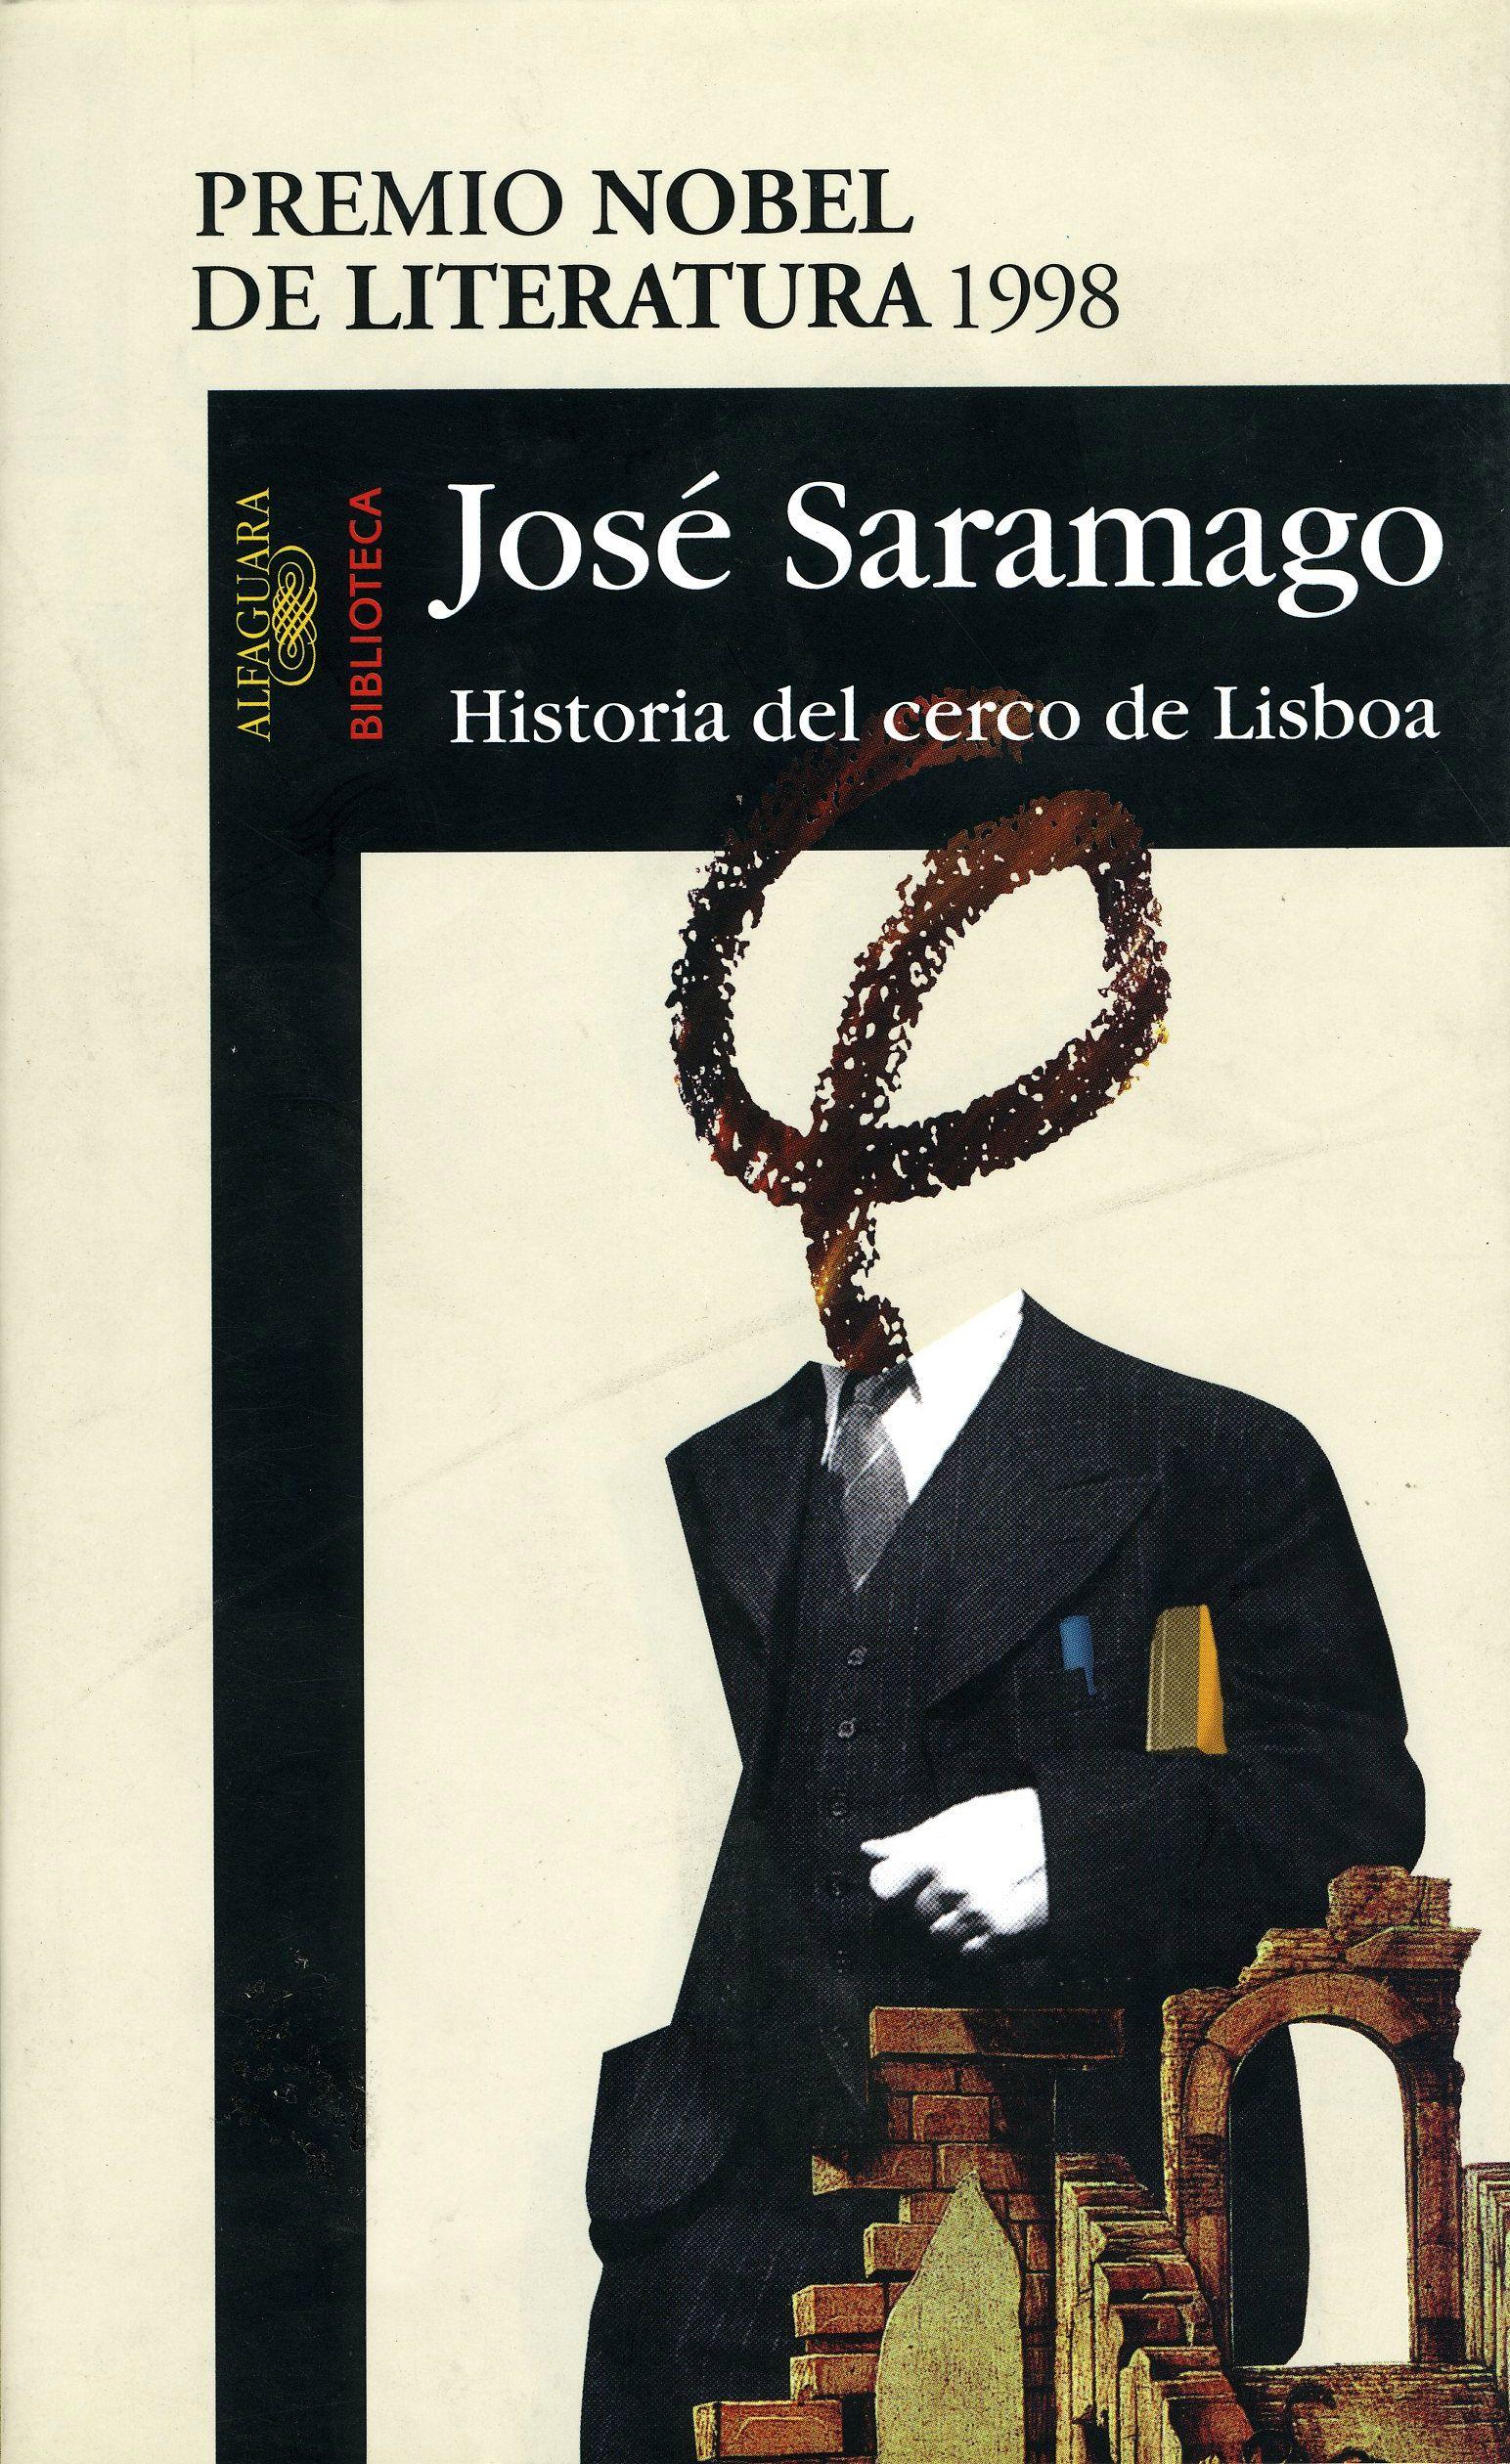 Historia Del Cerco De Lisboa Ebook Jose Saramago Descargar El Ebook Blog De Libros Novela Contemporanea José Saramago